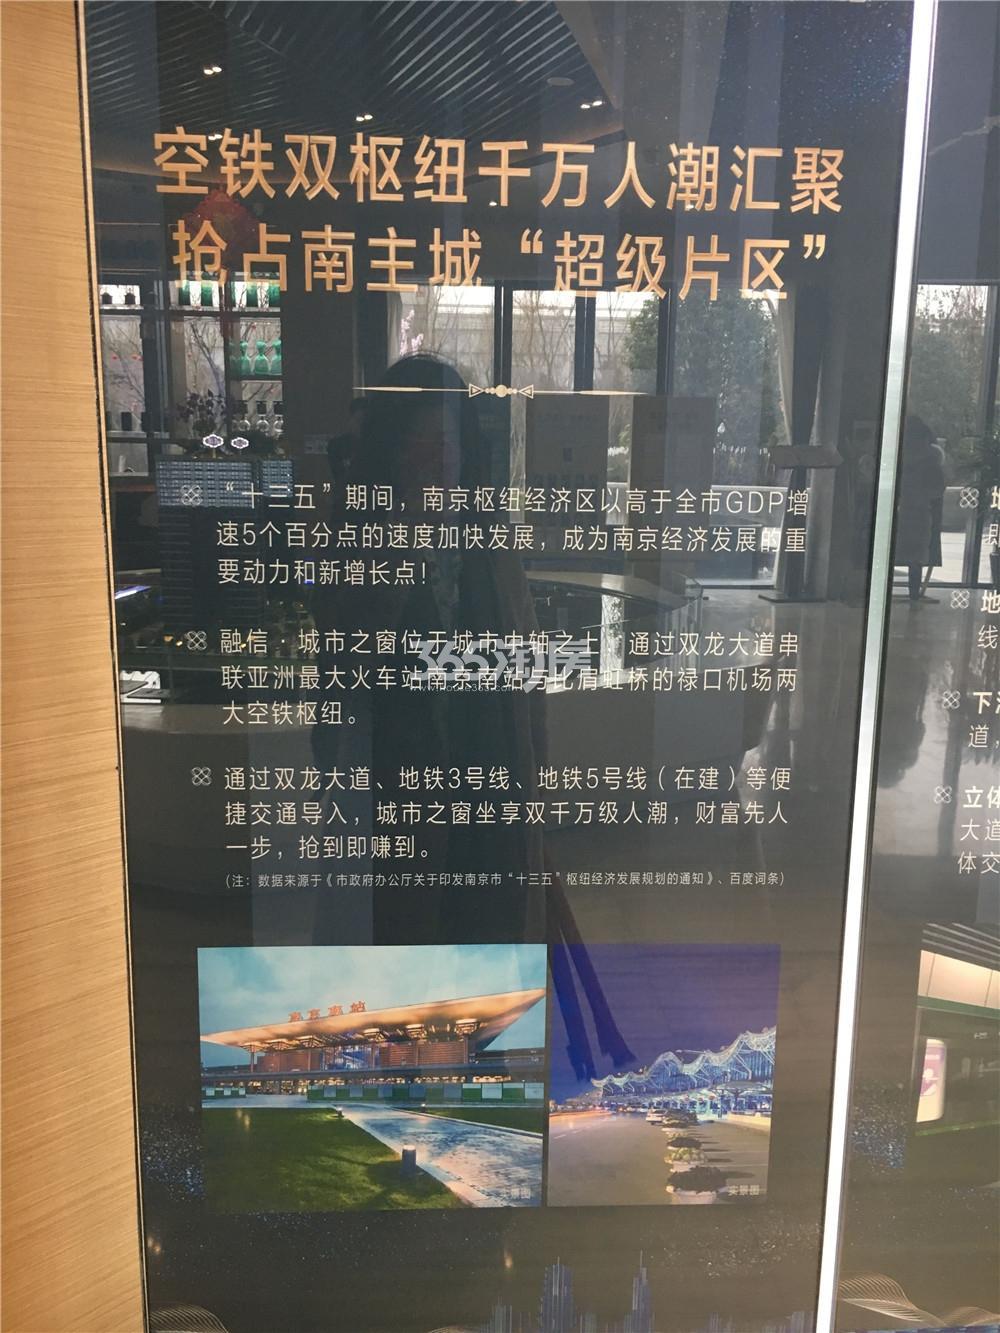 融信城市之窗售楼处介绍(4.11)